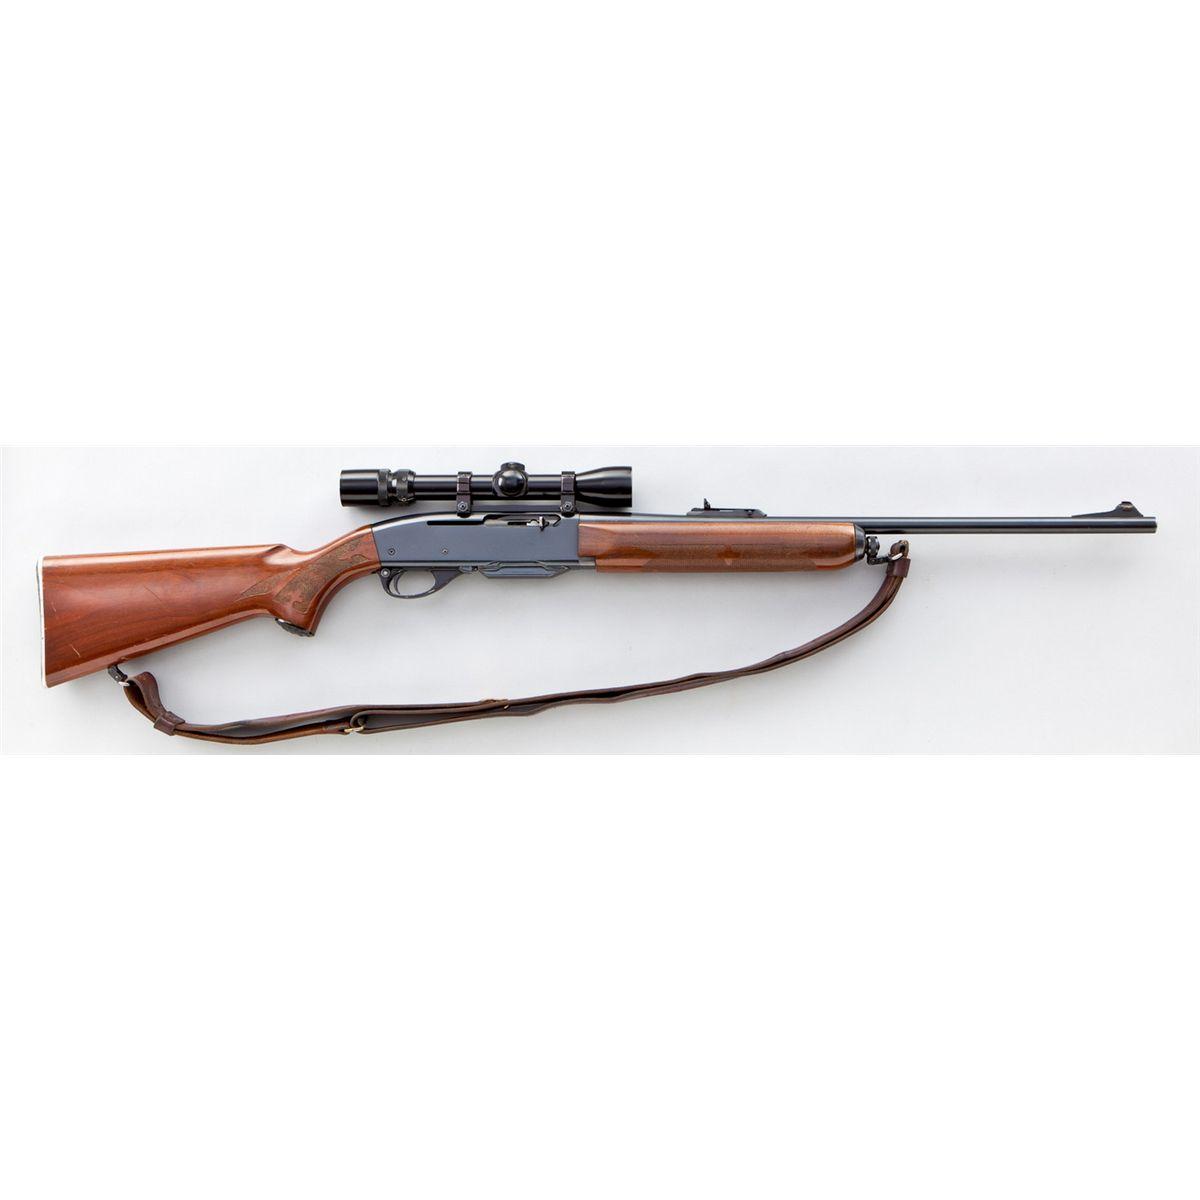 Remington Model 742 Semi-Auto Rifle